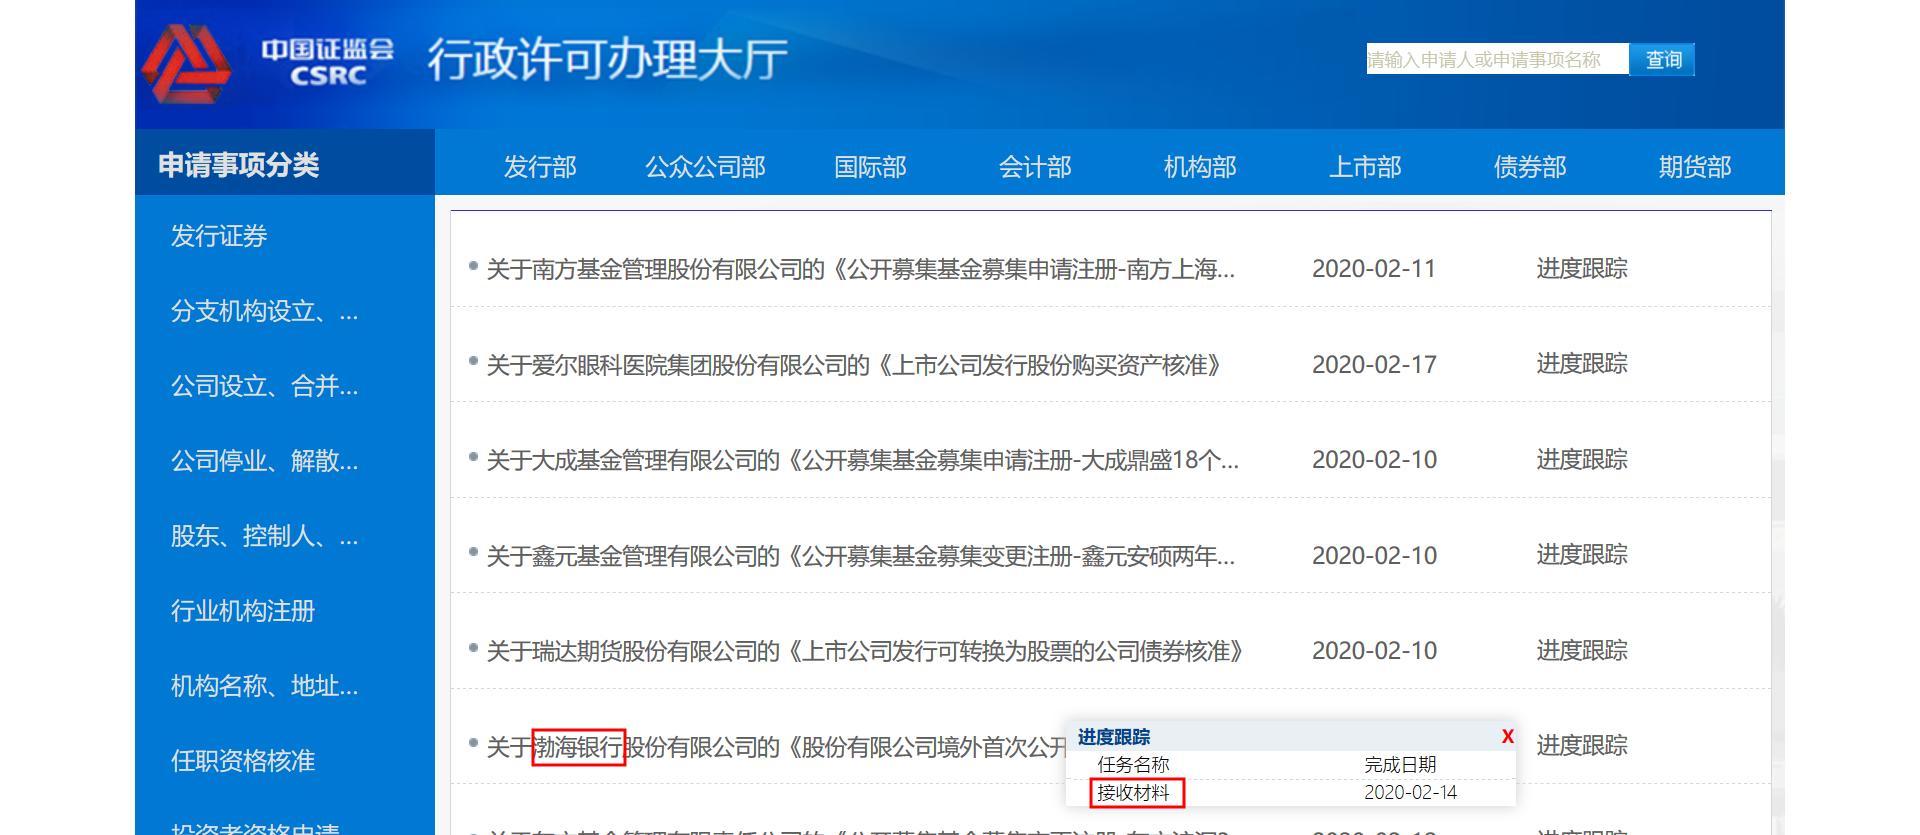 渤海银行IPO获证监会受理,新行长年初刚刚上任